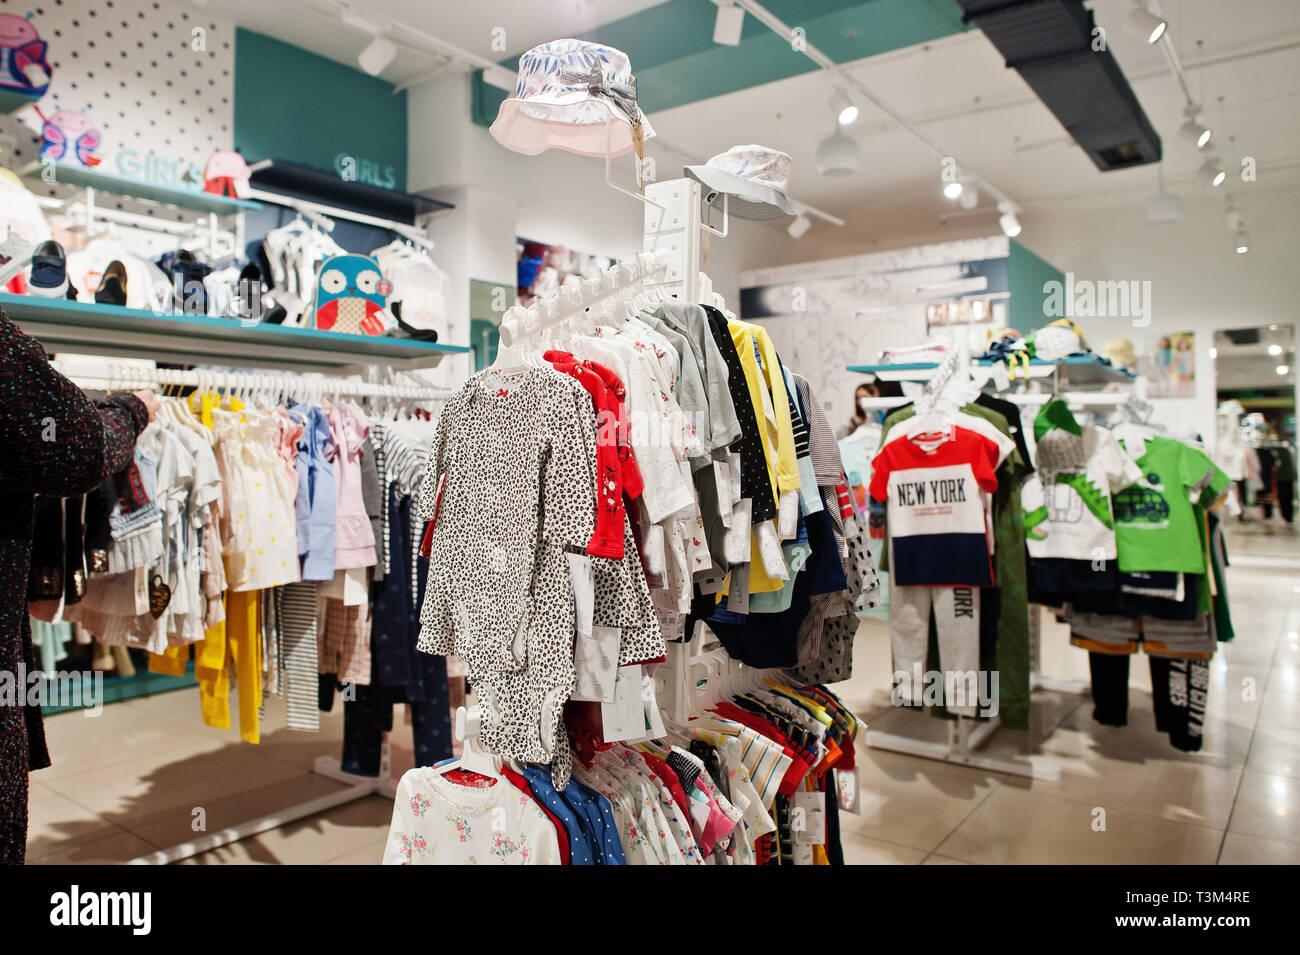 a174242d26feef Per bambini abiti brillante appendere sul display nella baby il negozio di  abbigliamento.